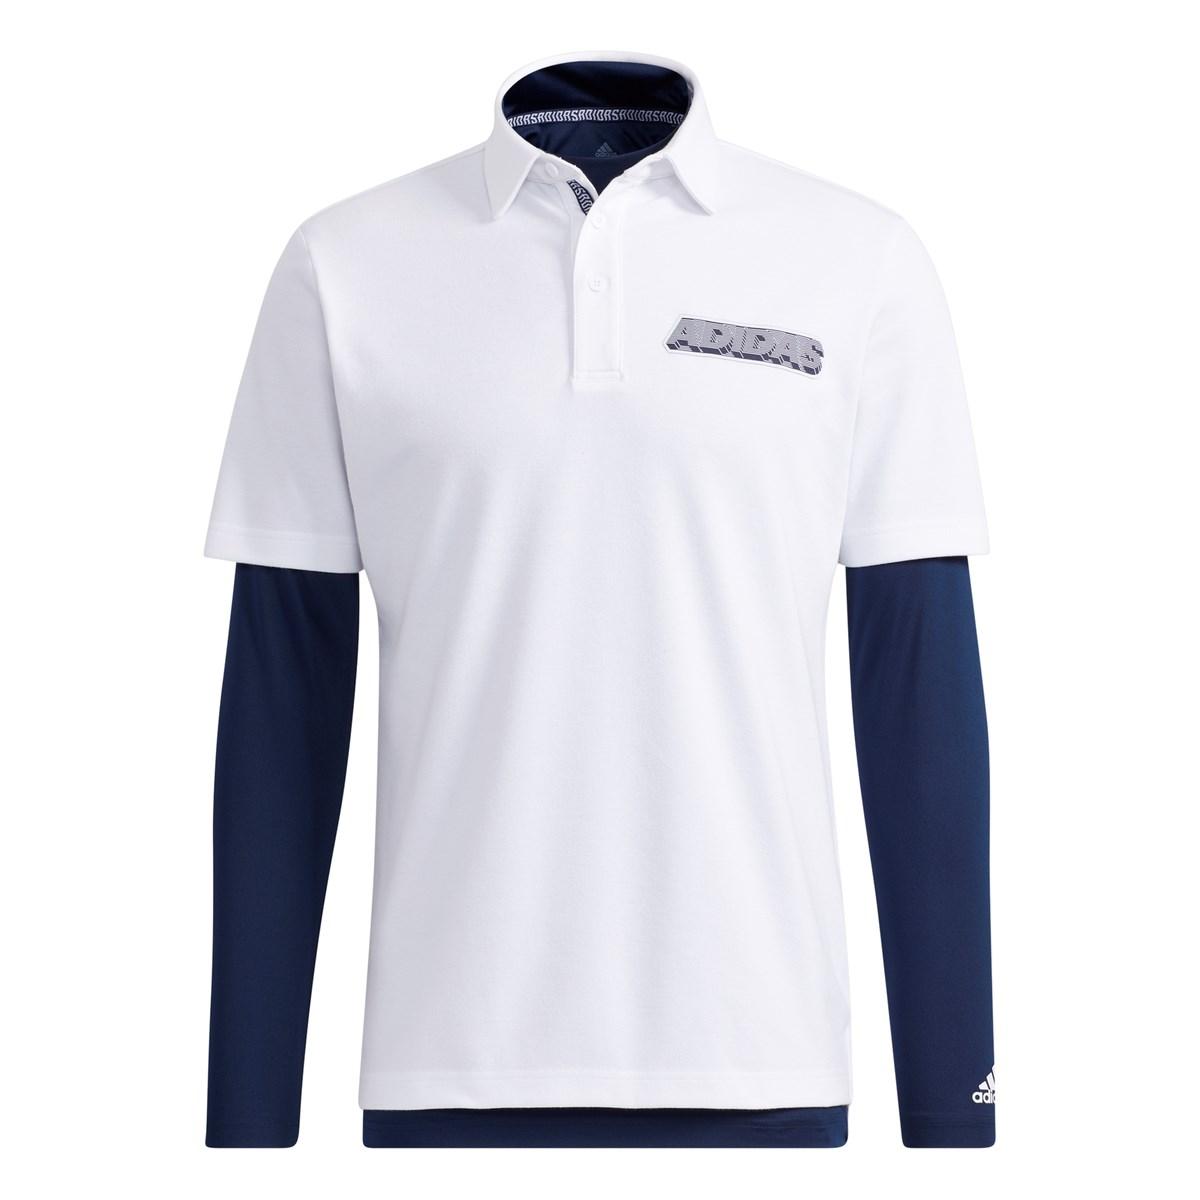 アディダス Adidas チェストロゴ レイヤード半袖ポロシャツ J/S ホワイト/カレッジネイビー